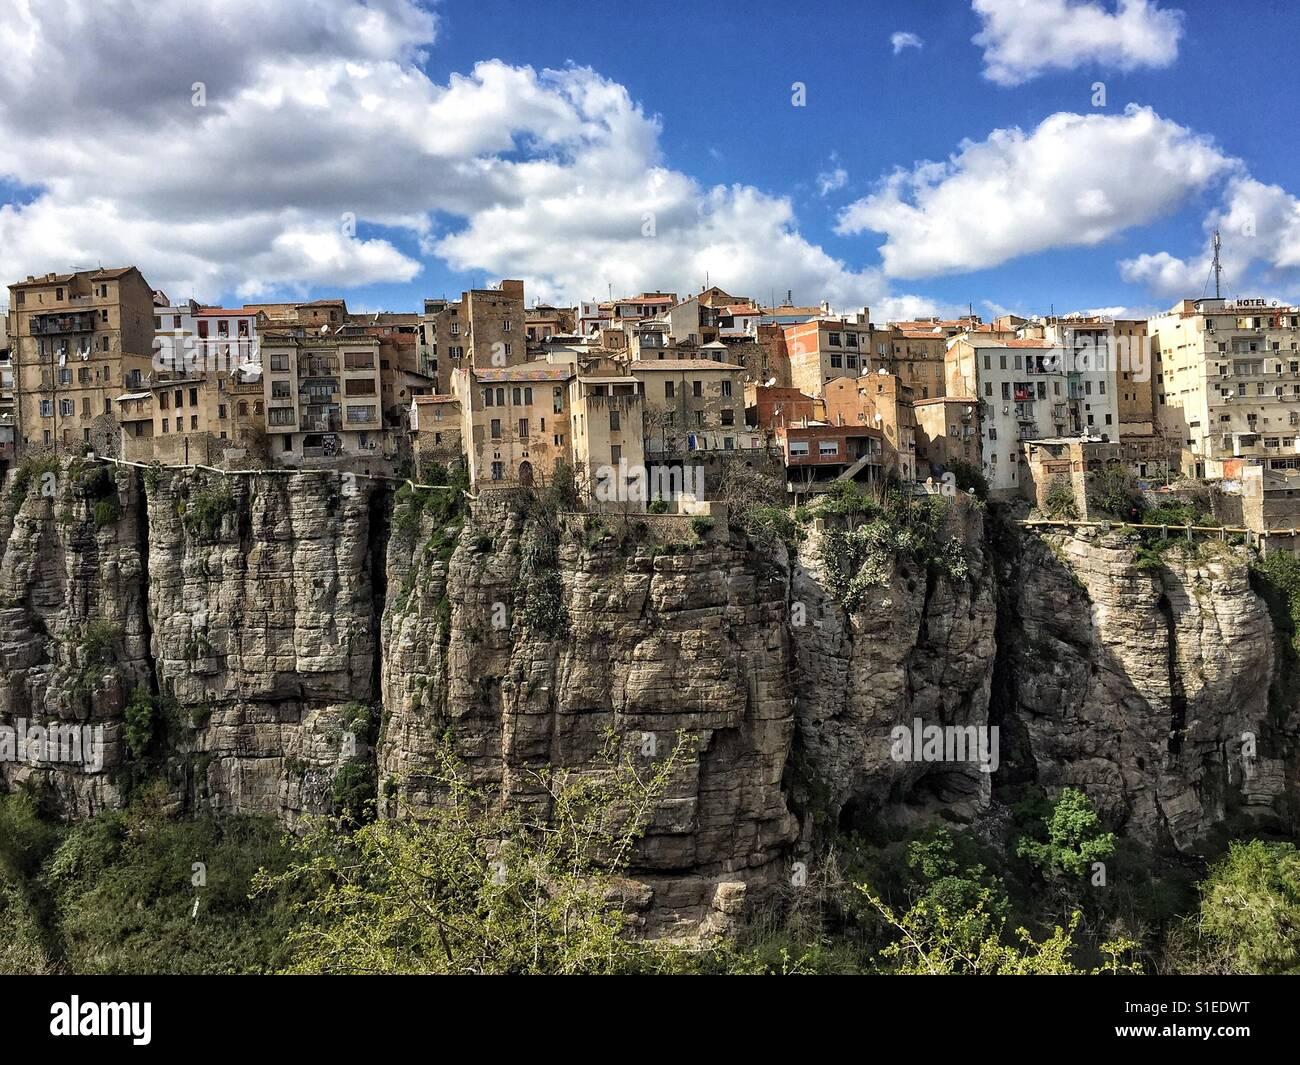 Casas sobre el acantilado en la ciudad de Constantina, Argelia, África Imagen De Stock